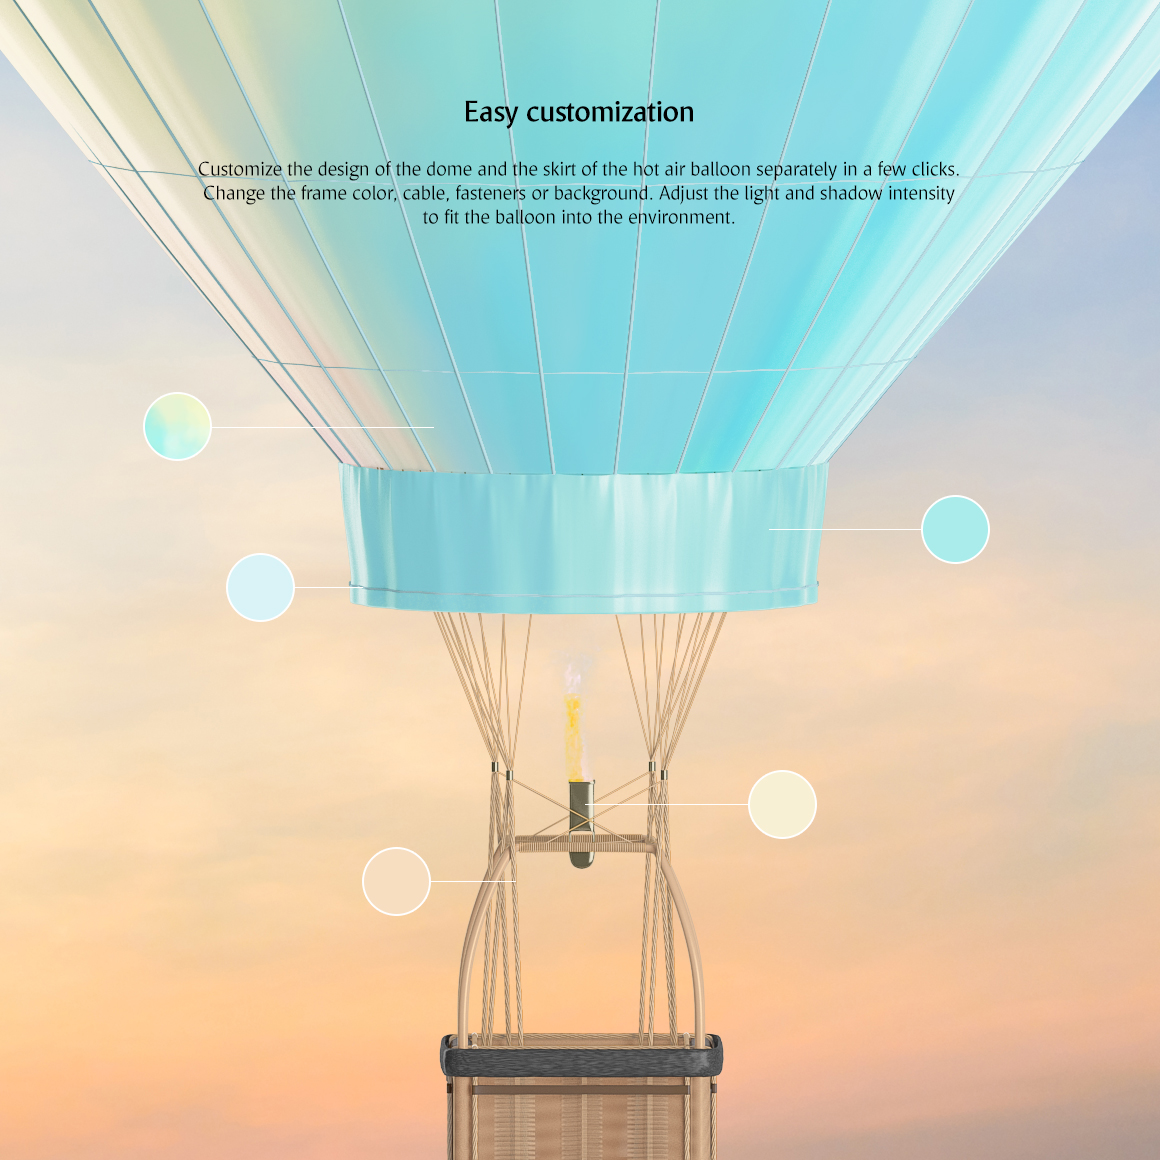 Hot Air Balloon Mockup example image 3